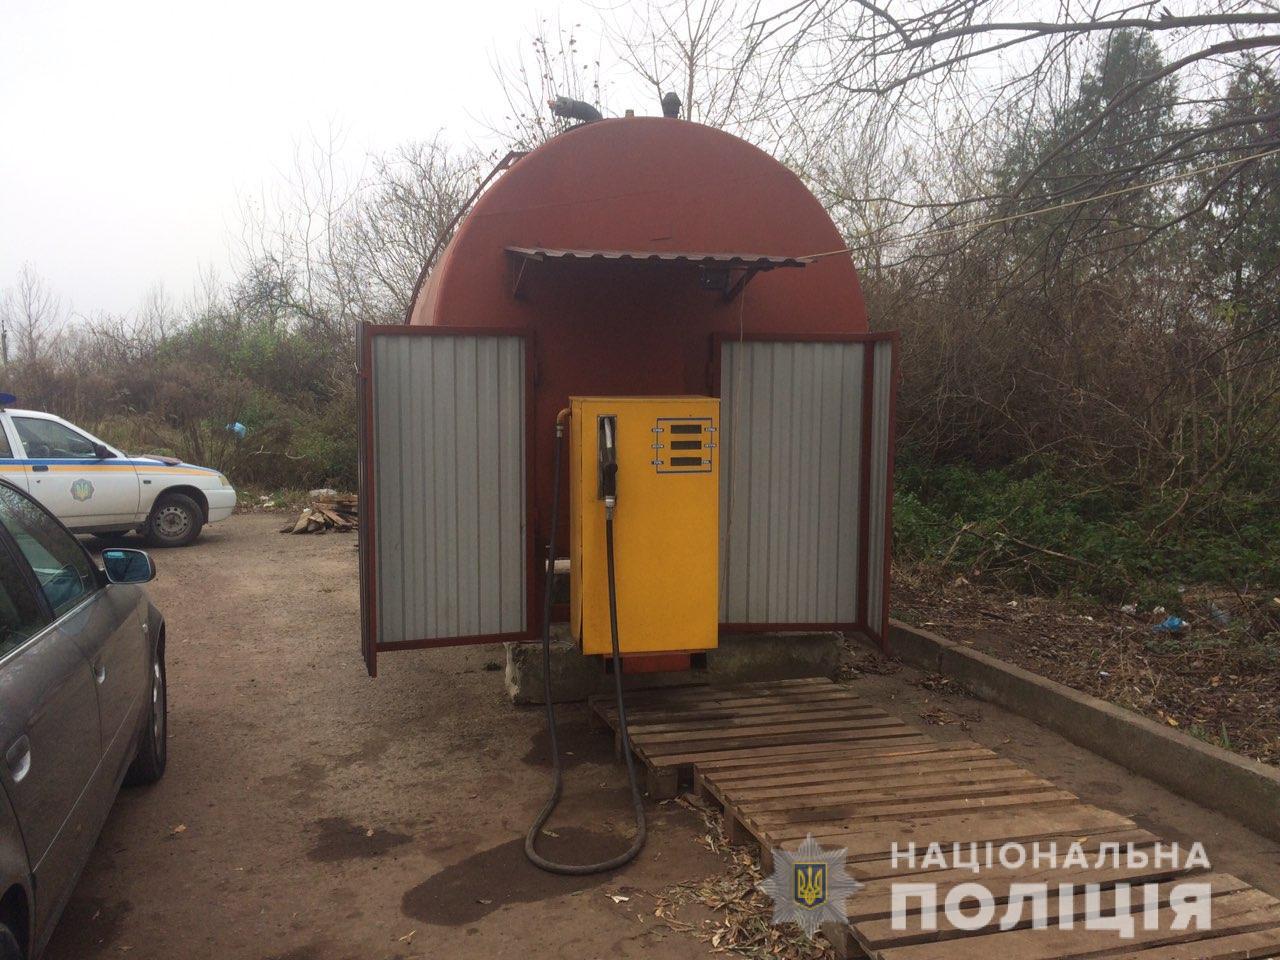 Підпільну автозаправну станцію викрила поліція Львівщини. ФОТО